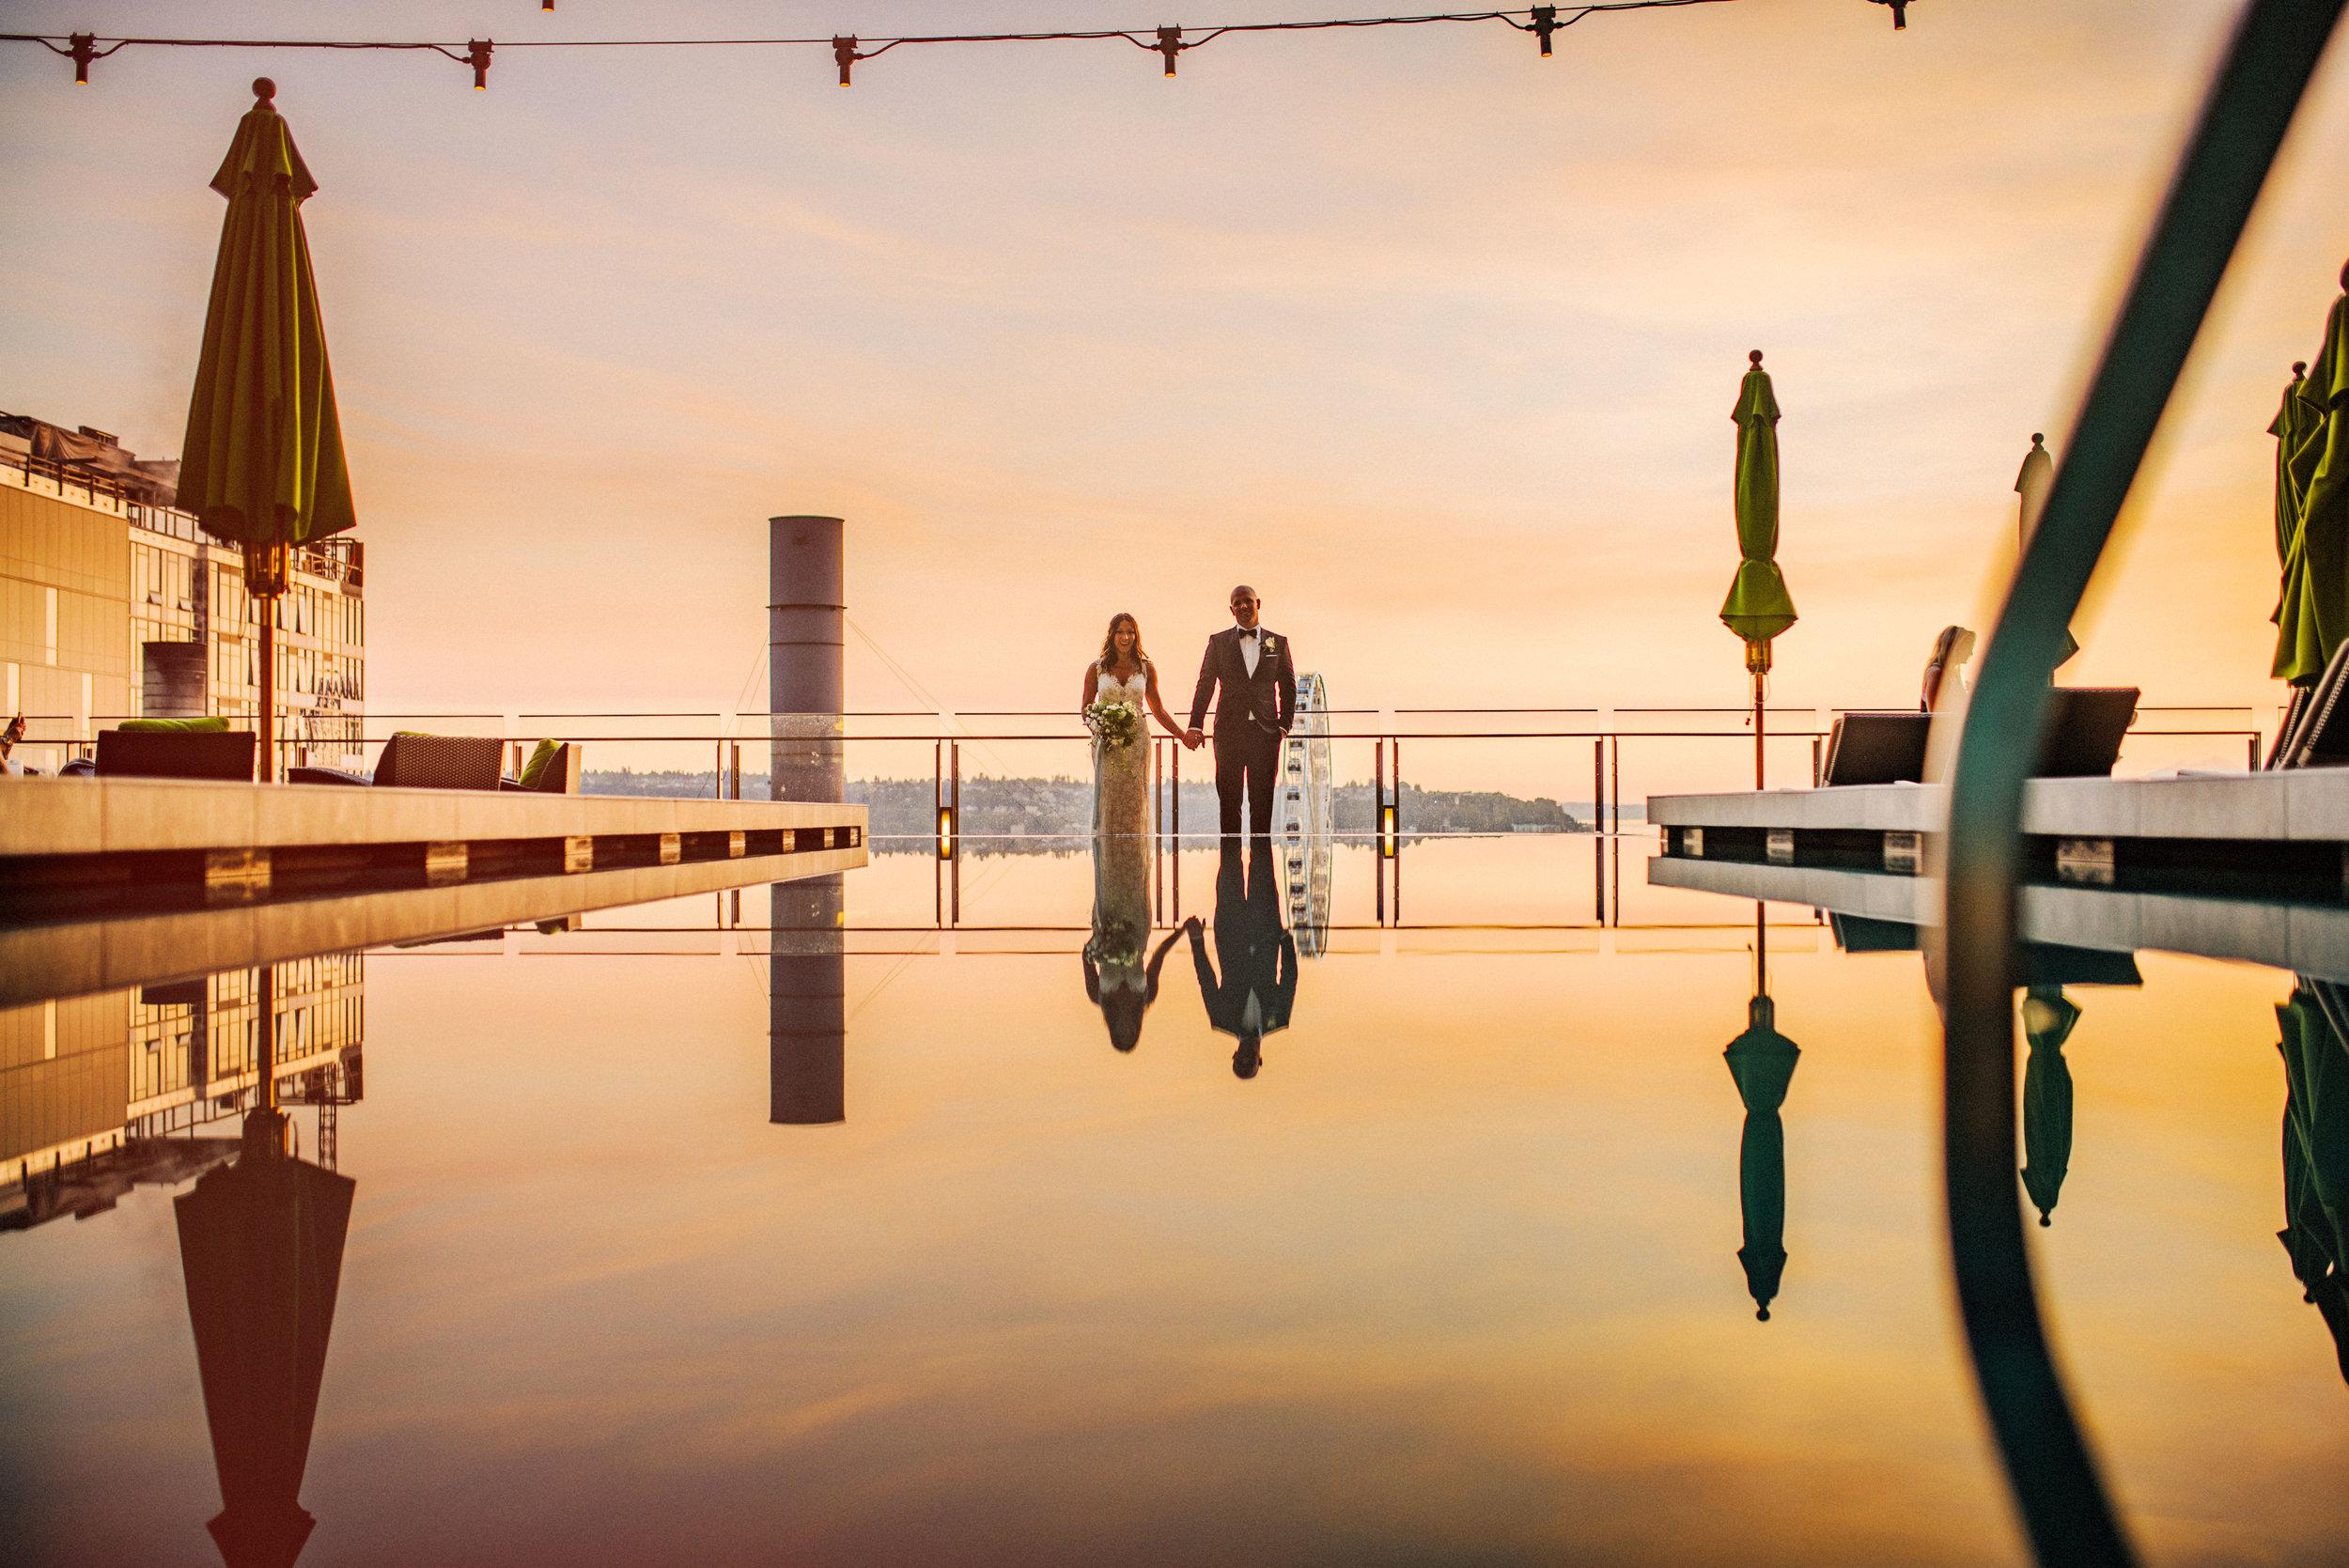 Erin & Tommy - Four Seasons Hotel, Seattle